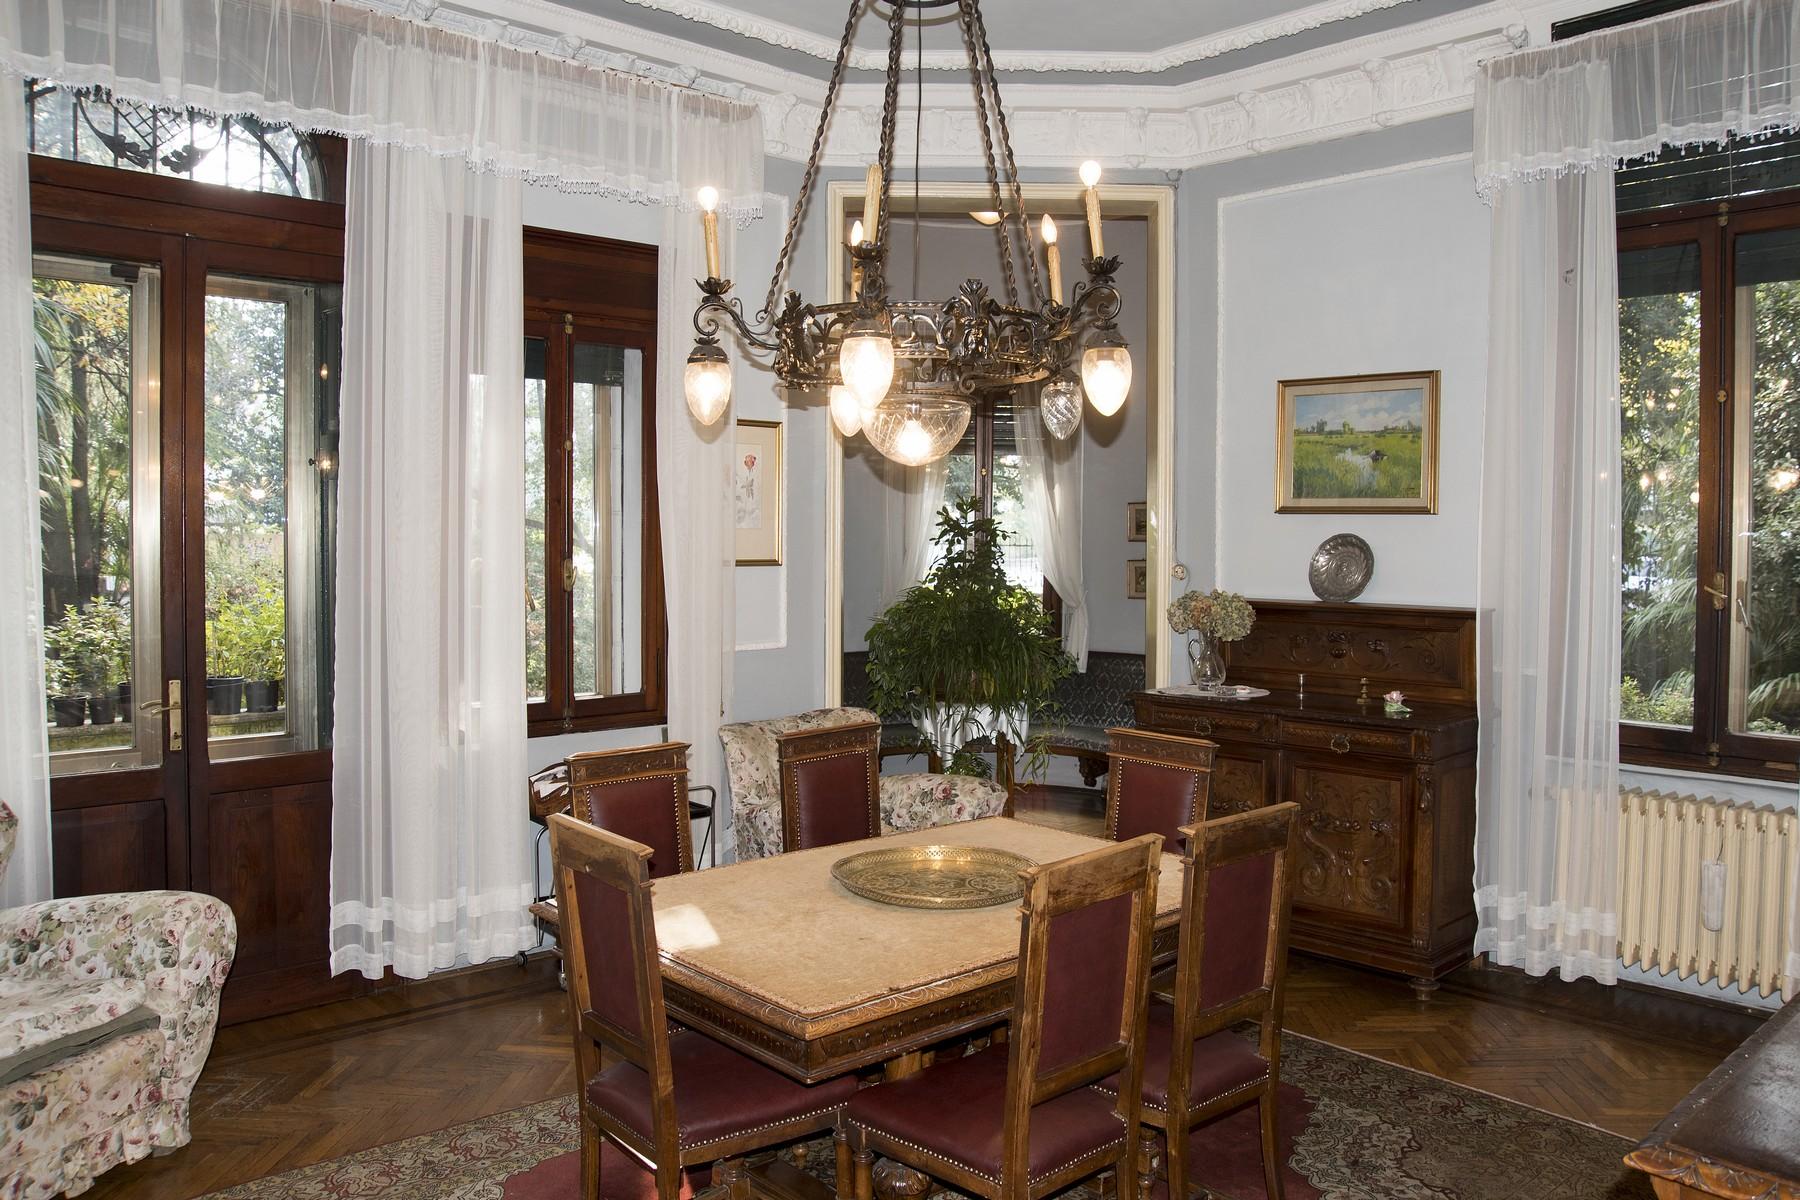 Villa in Vendita a Treviso: 5 locali, 460 mq - Foto 8